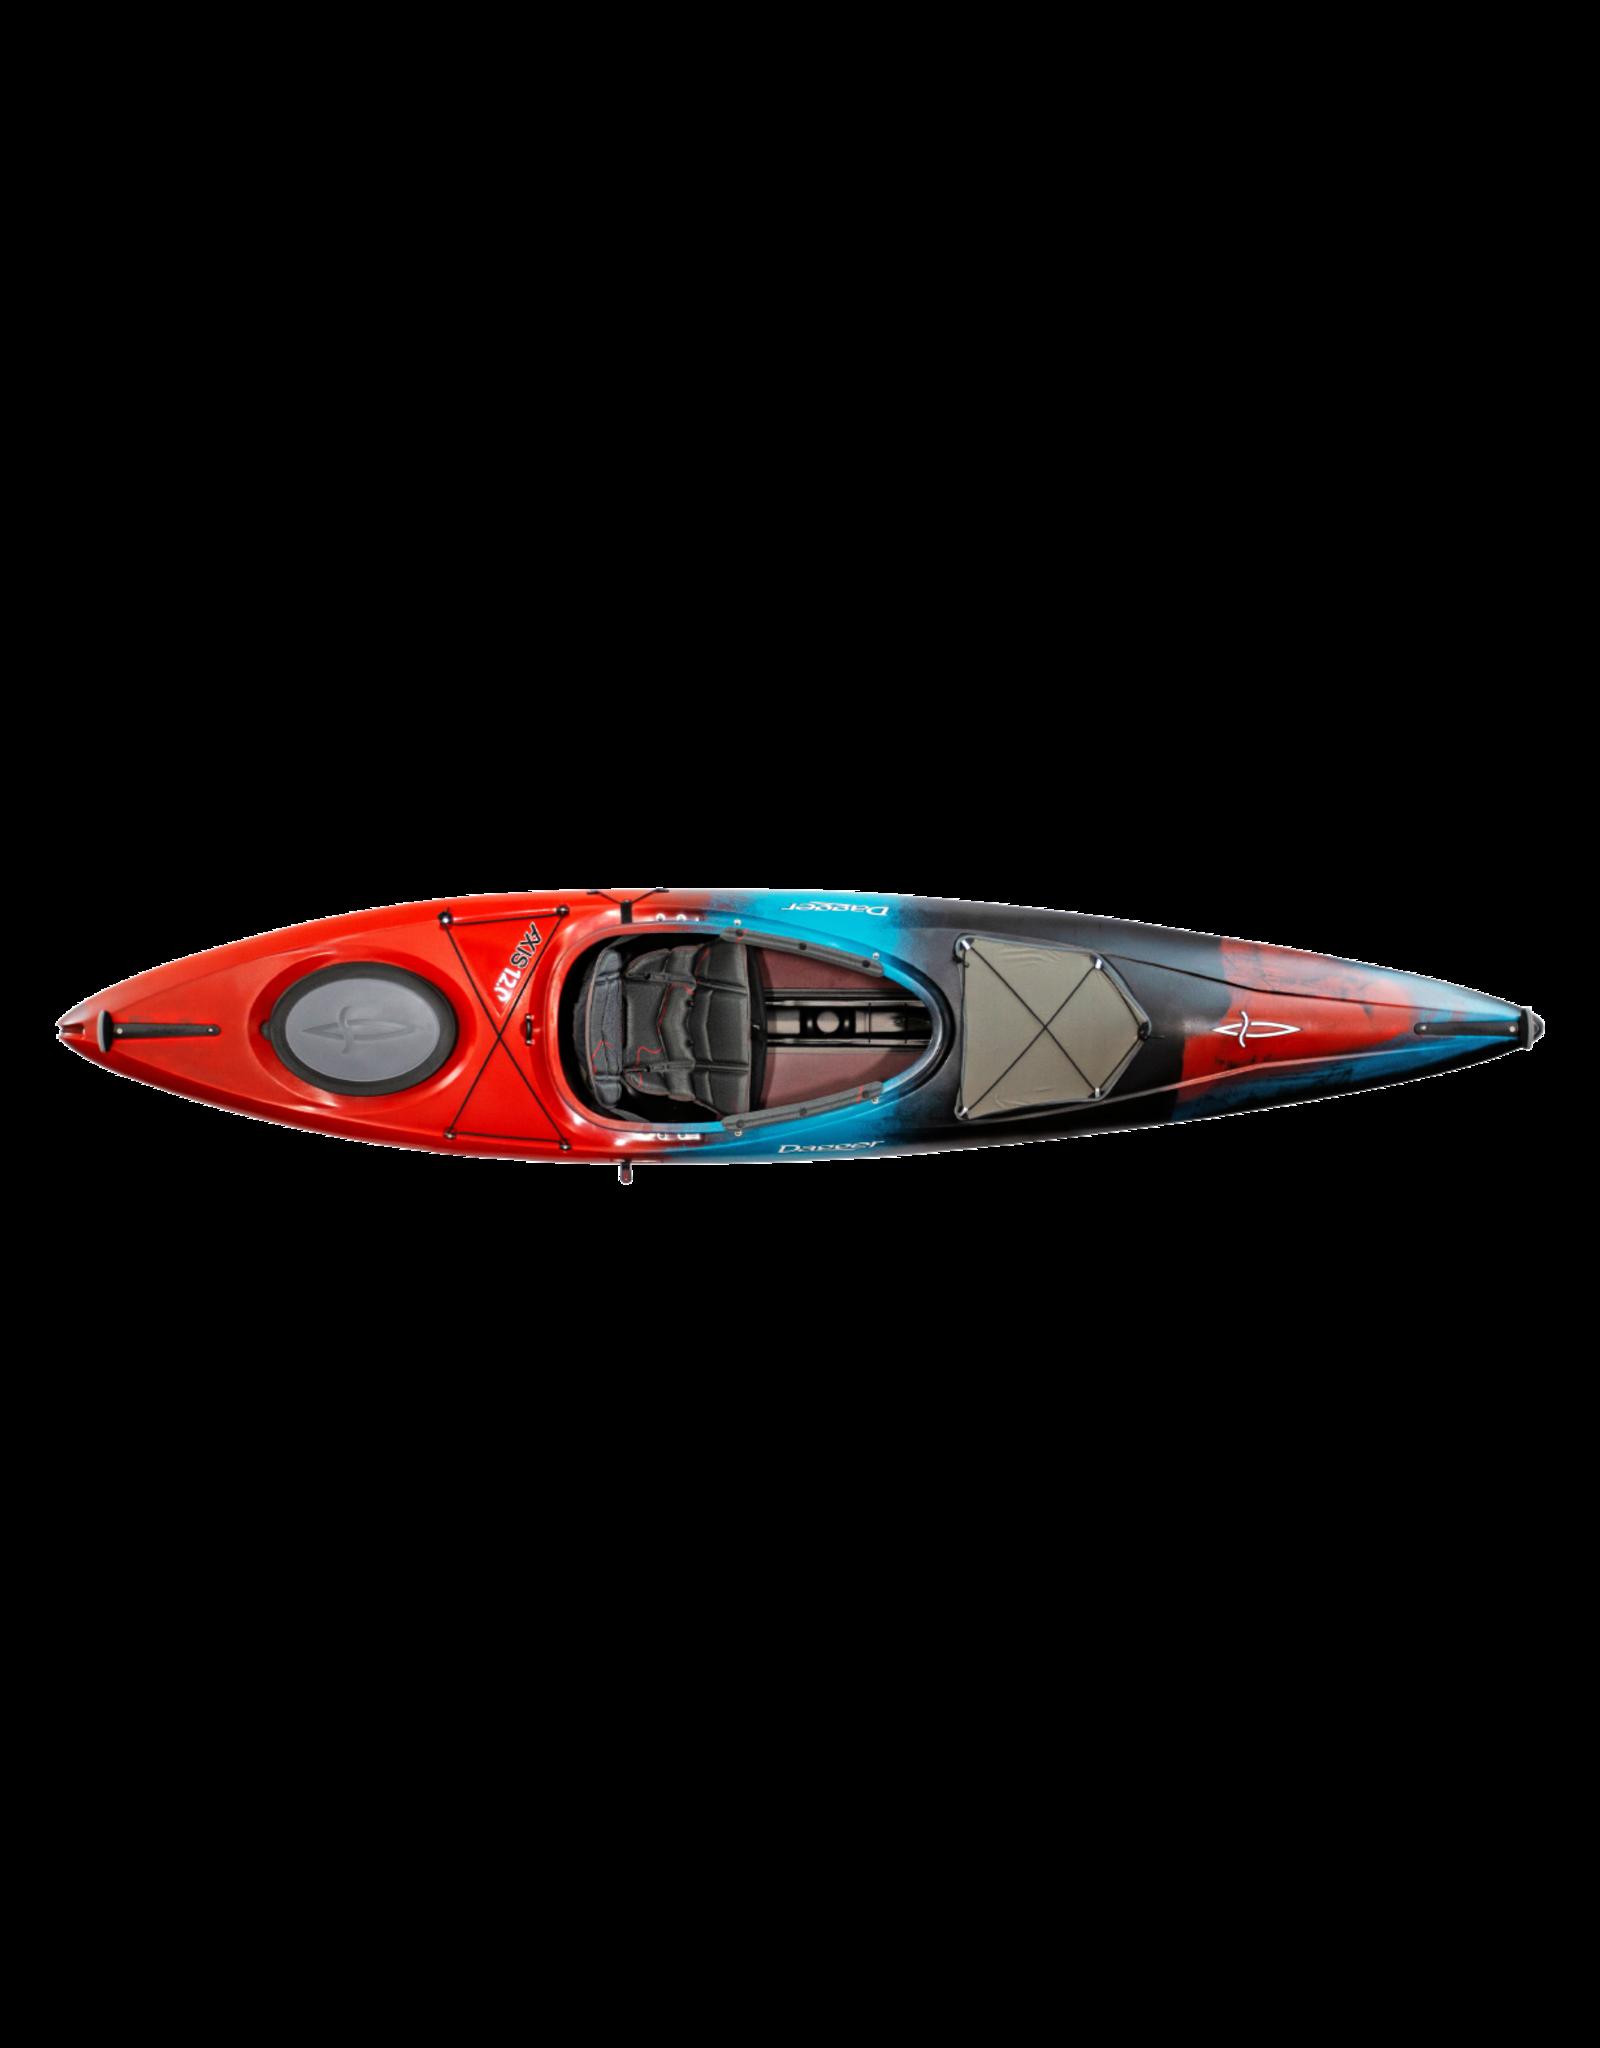 Dagger Dagger kayak Axis 12